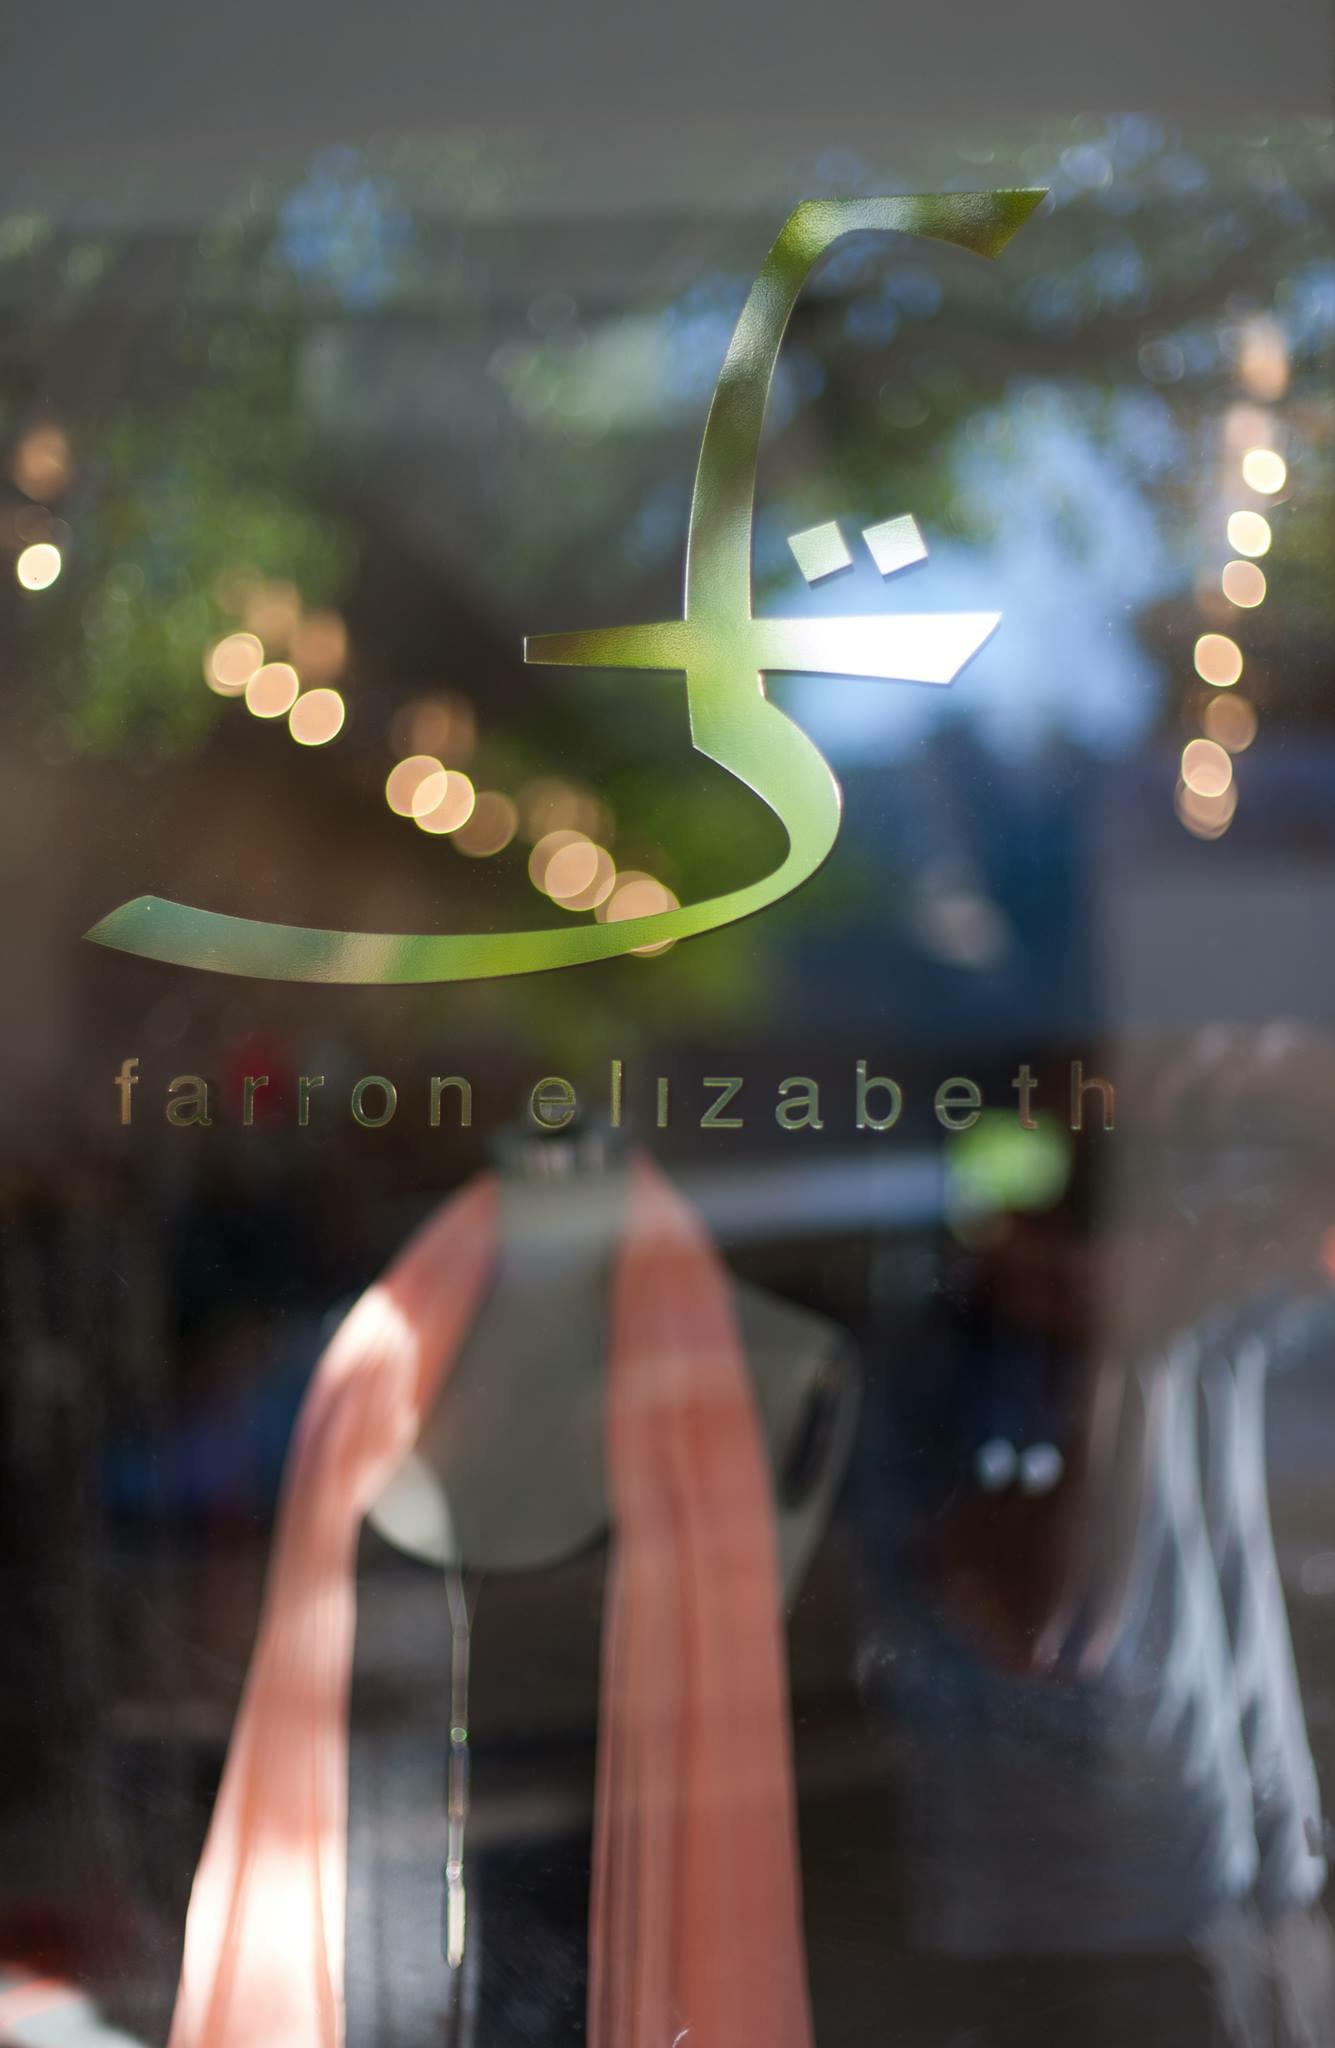 farron-elizabeth-door.jpg